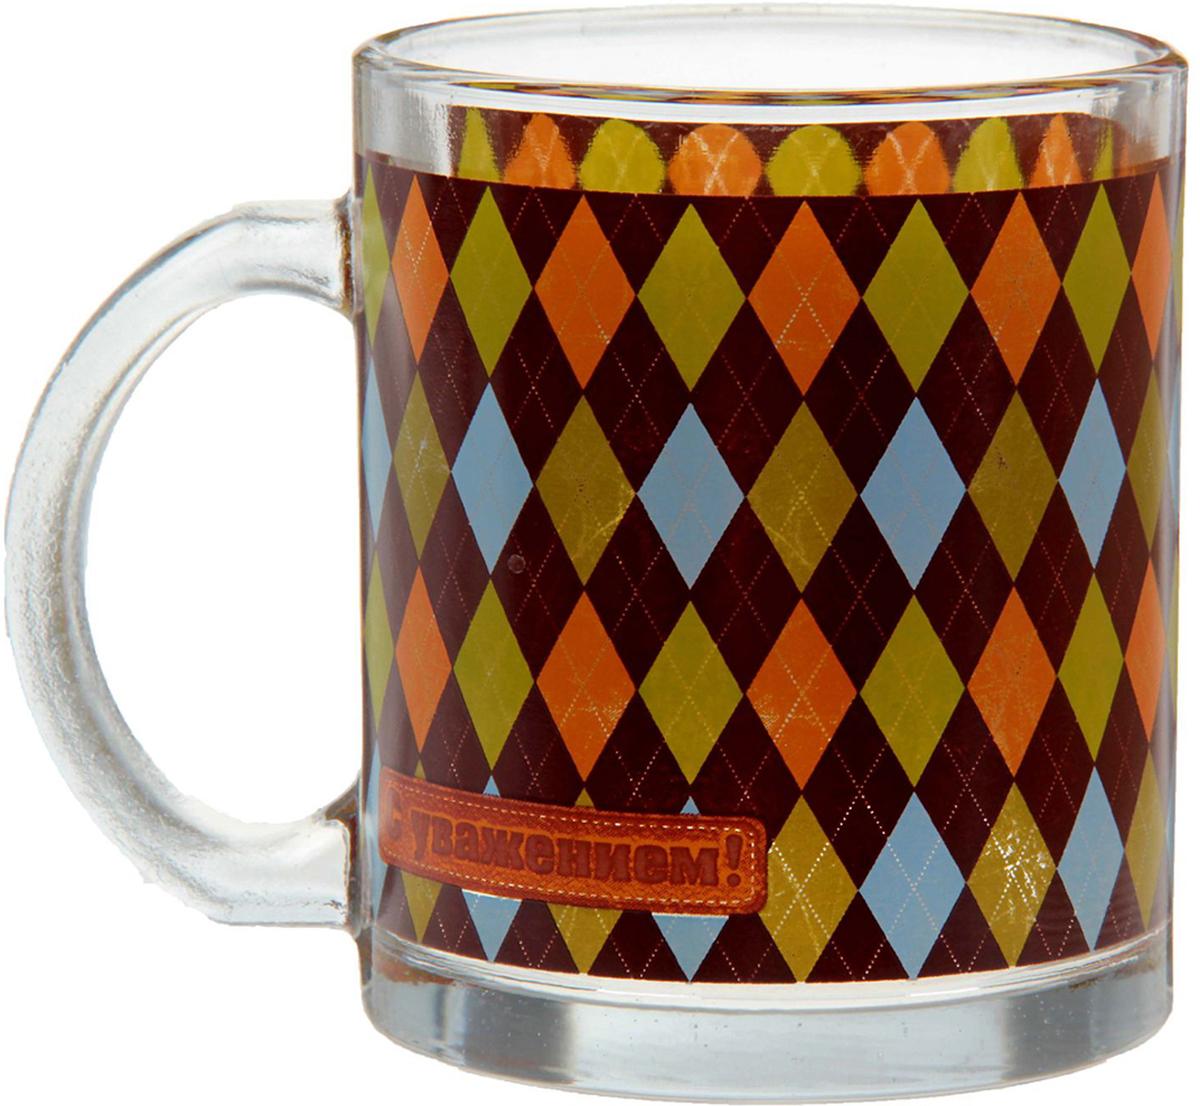 Кружка Sima-Land С уважением, 300 мл. 10480561048056Замечательный и памятный подарок на любой случай. Она создана с любовью нашими дизайнерами специально для ценителей чая. Ведь, как говорят эксперты, самый вкусный напиток - тот, который подан в стеклянной емкости. Изделие не боится высоких температур и станет чудесным подарком для себя или близких.Привнесите немного уюта в каждое чаепитие, и оно превратится в настоящую церемонию.